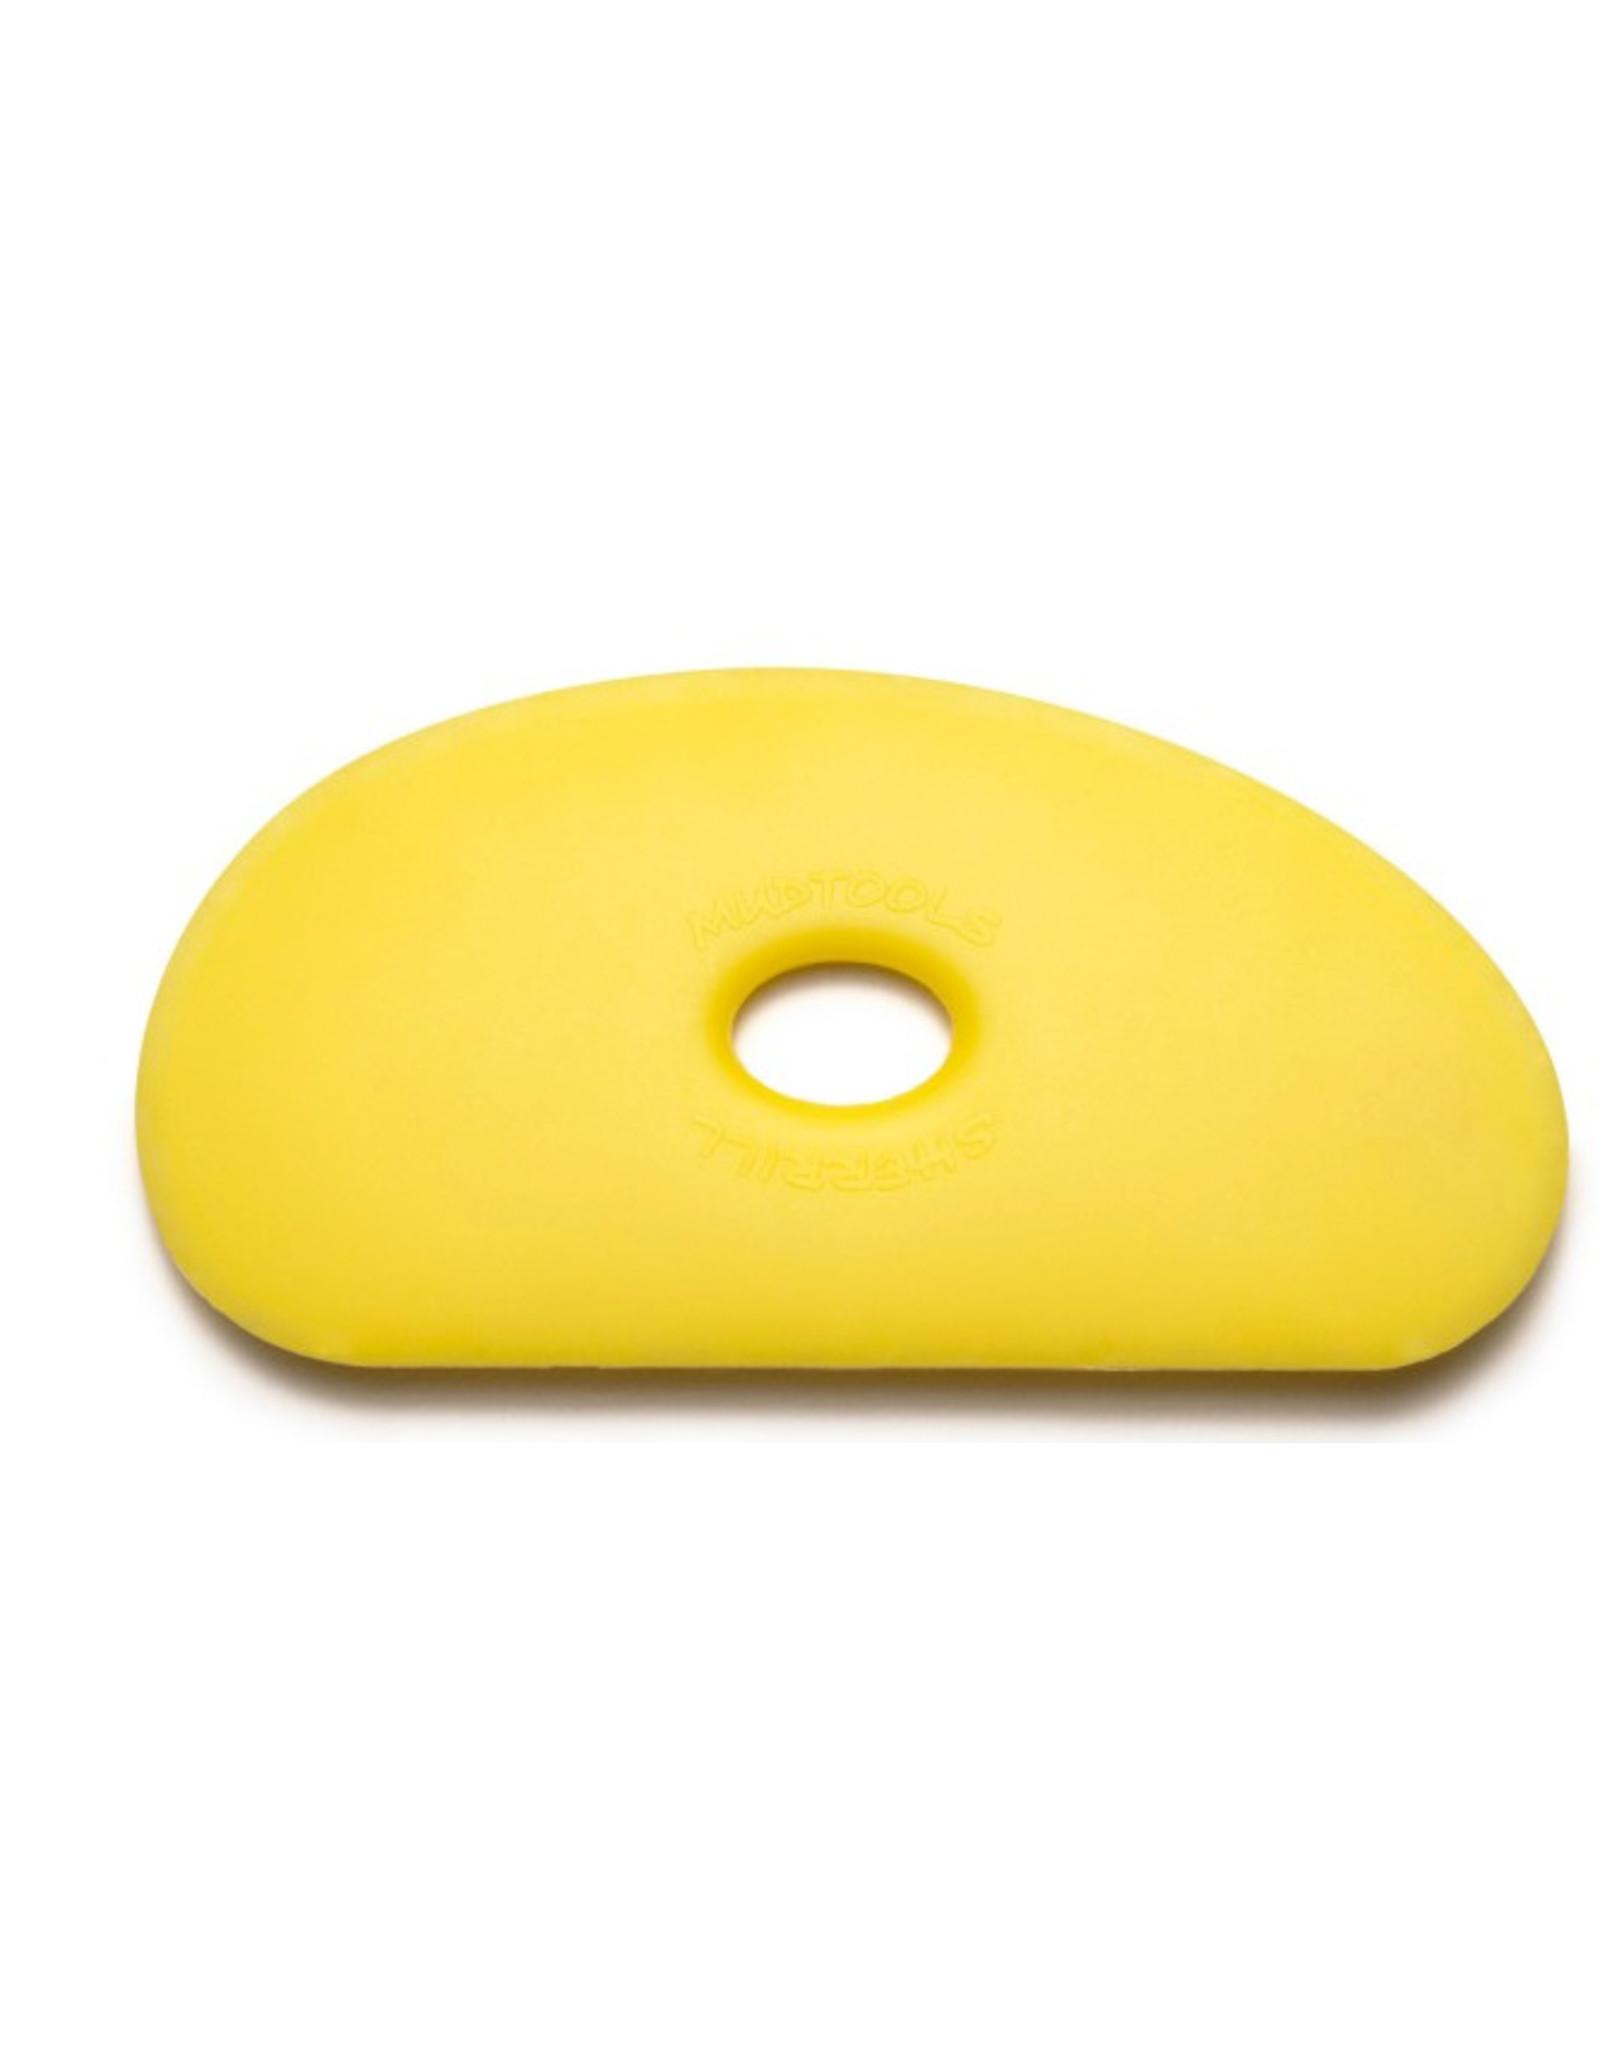 Mudtools Rib 5 (yellow)